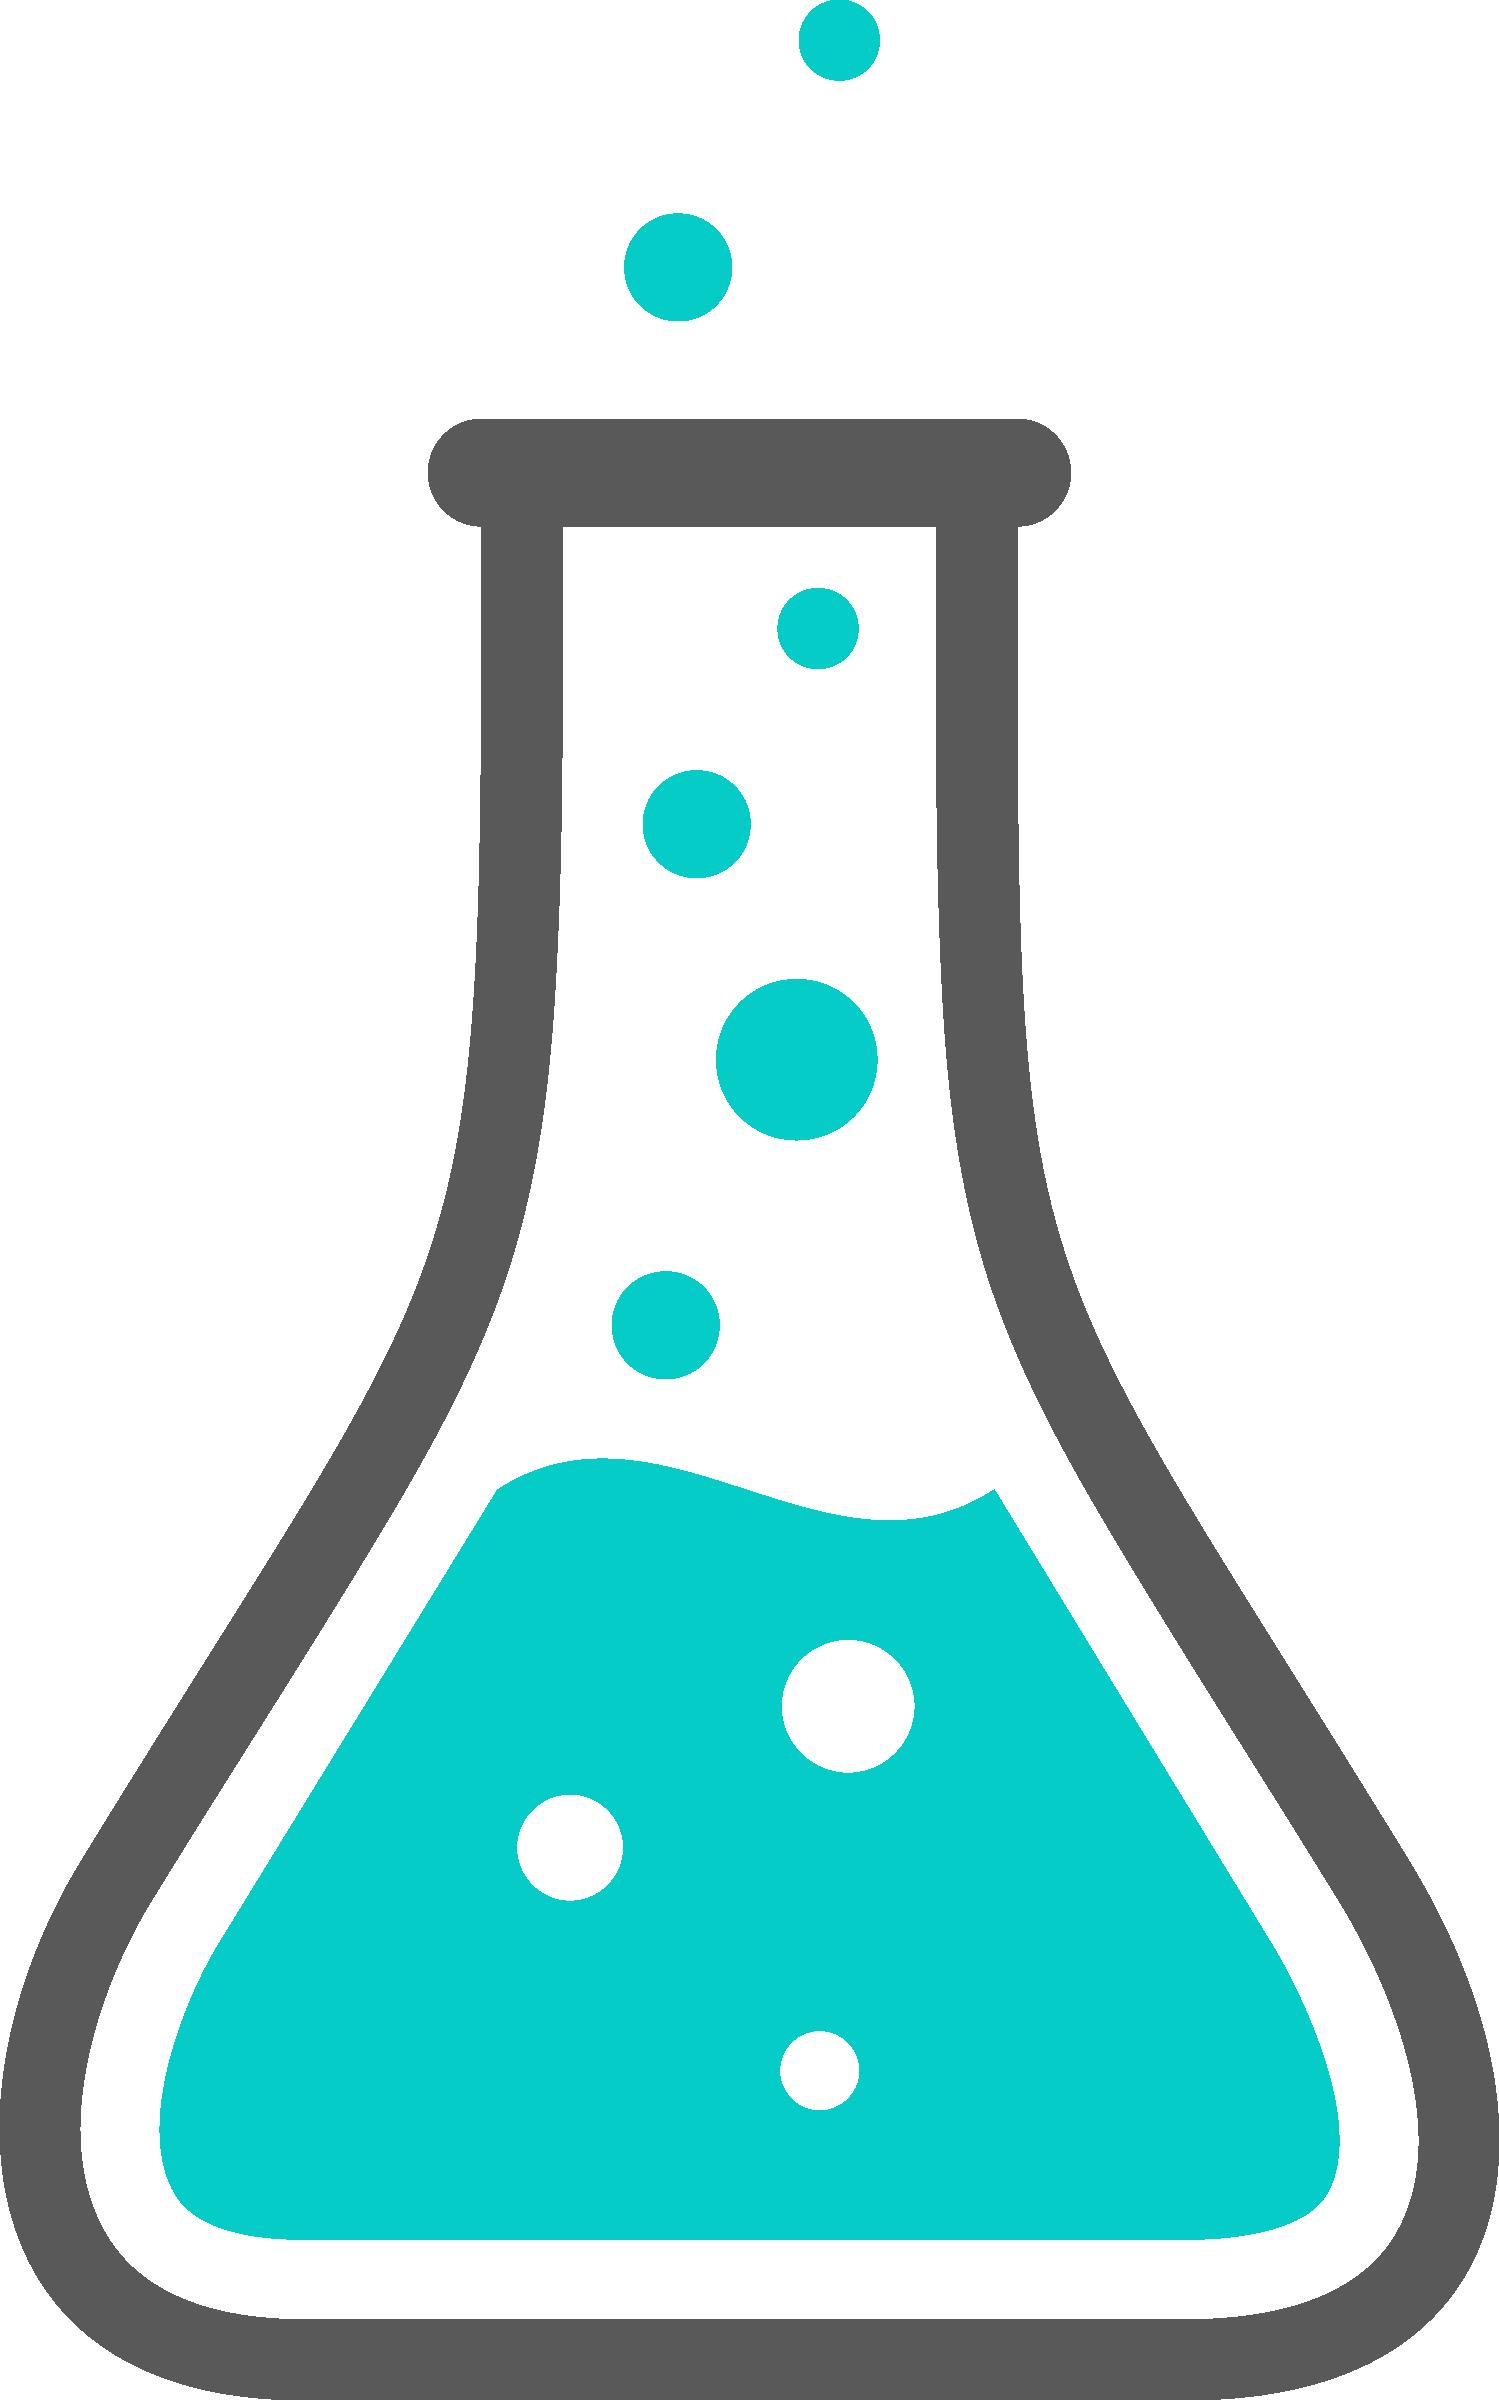 picto secteur chimie